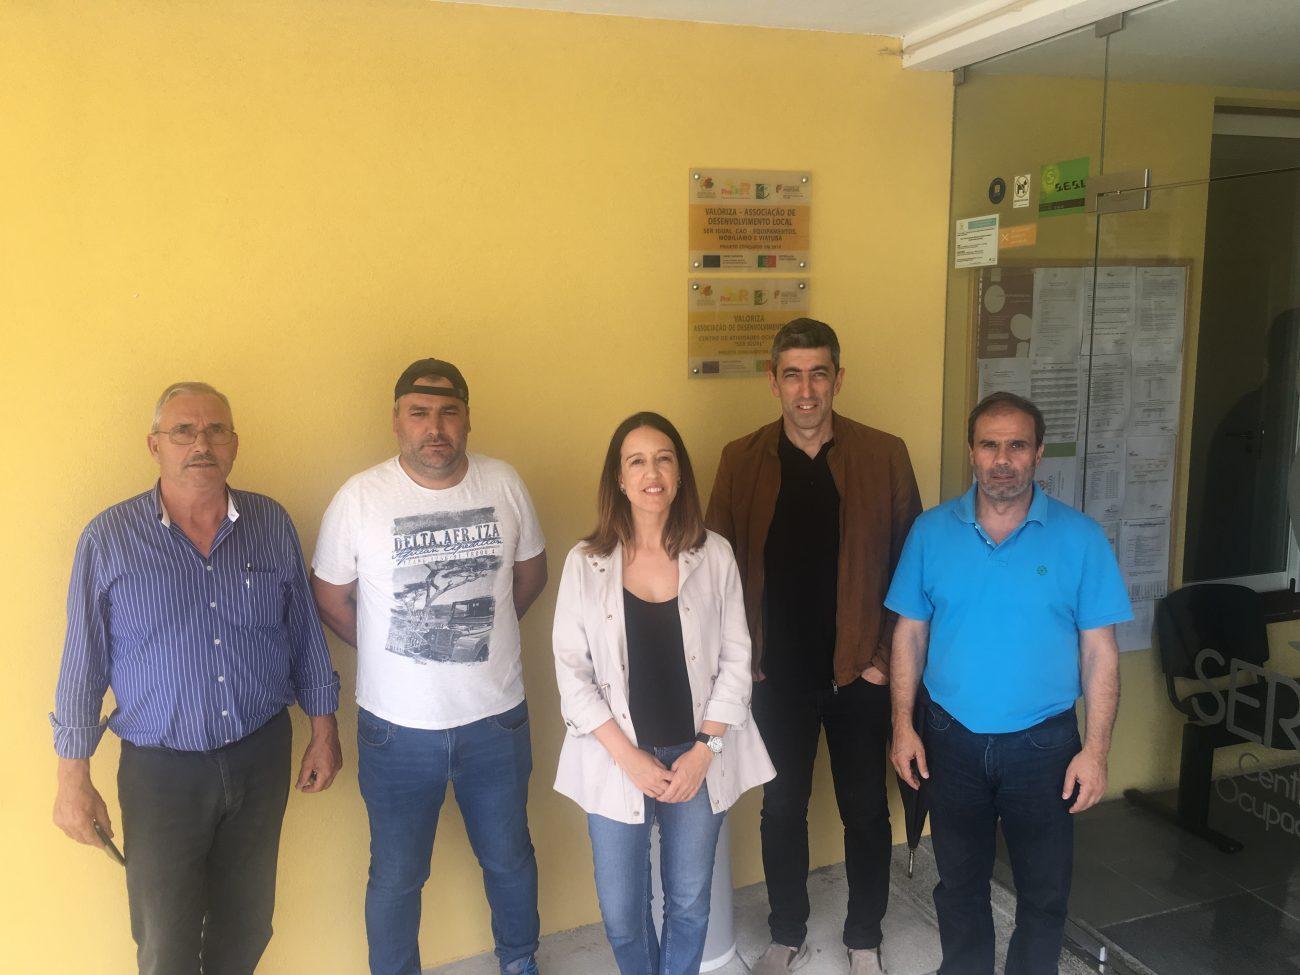 SOLIDARIEDADE - Columbófilos de Braga angariaram 500 euros para a Valoriza